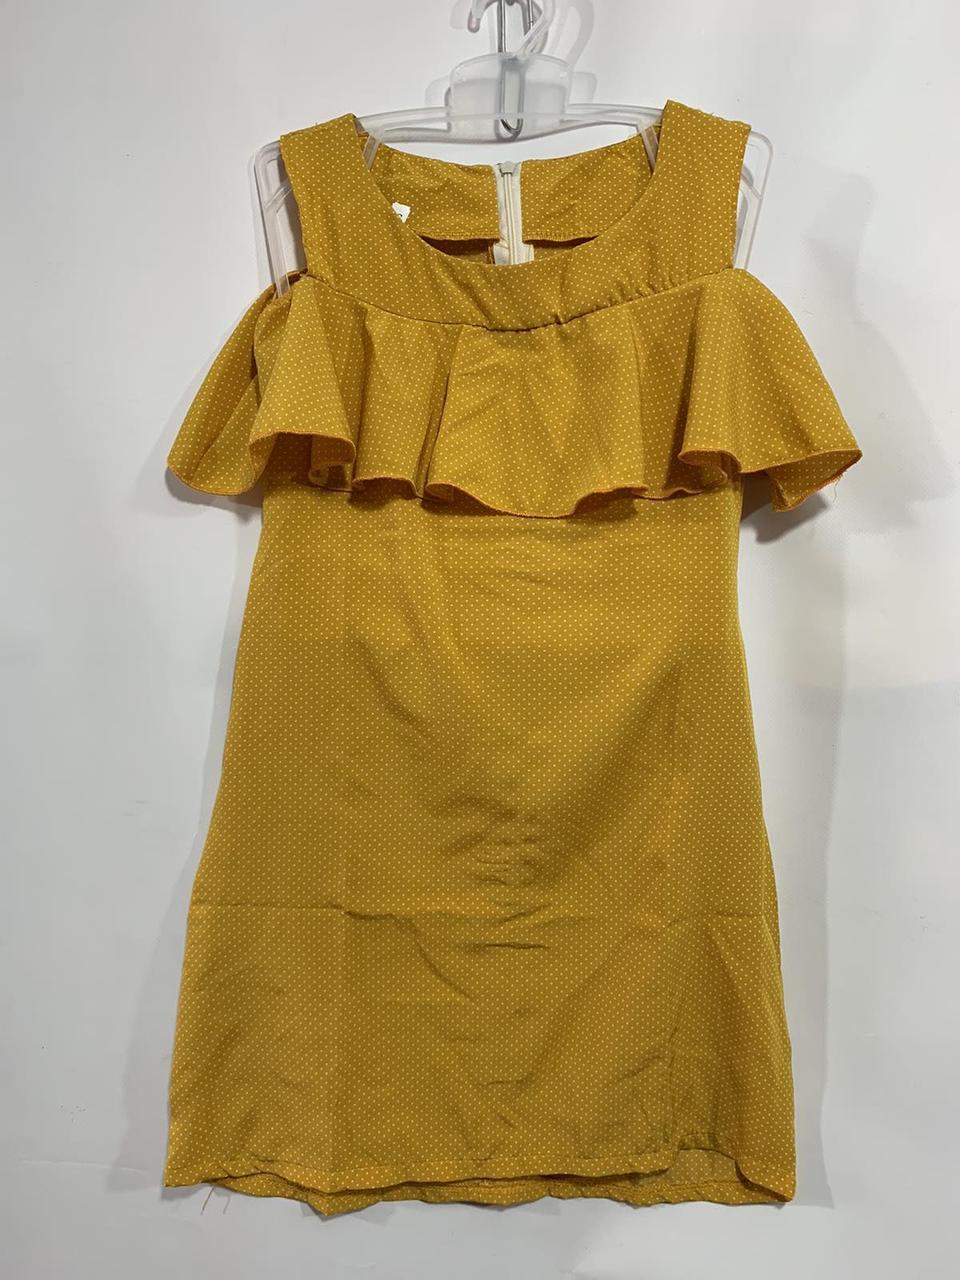 Дитяче плаття для дівчинки в дрібний горох р. 116-134 біле